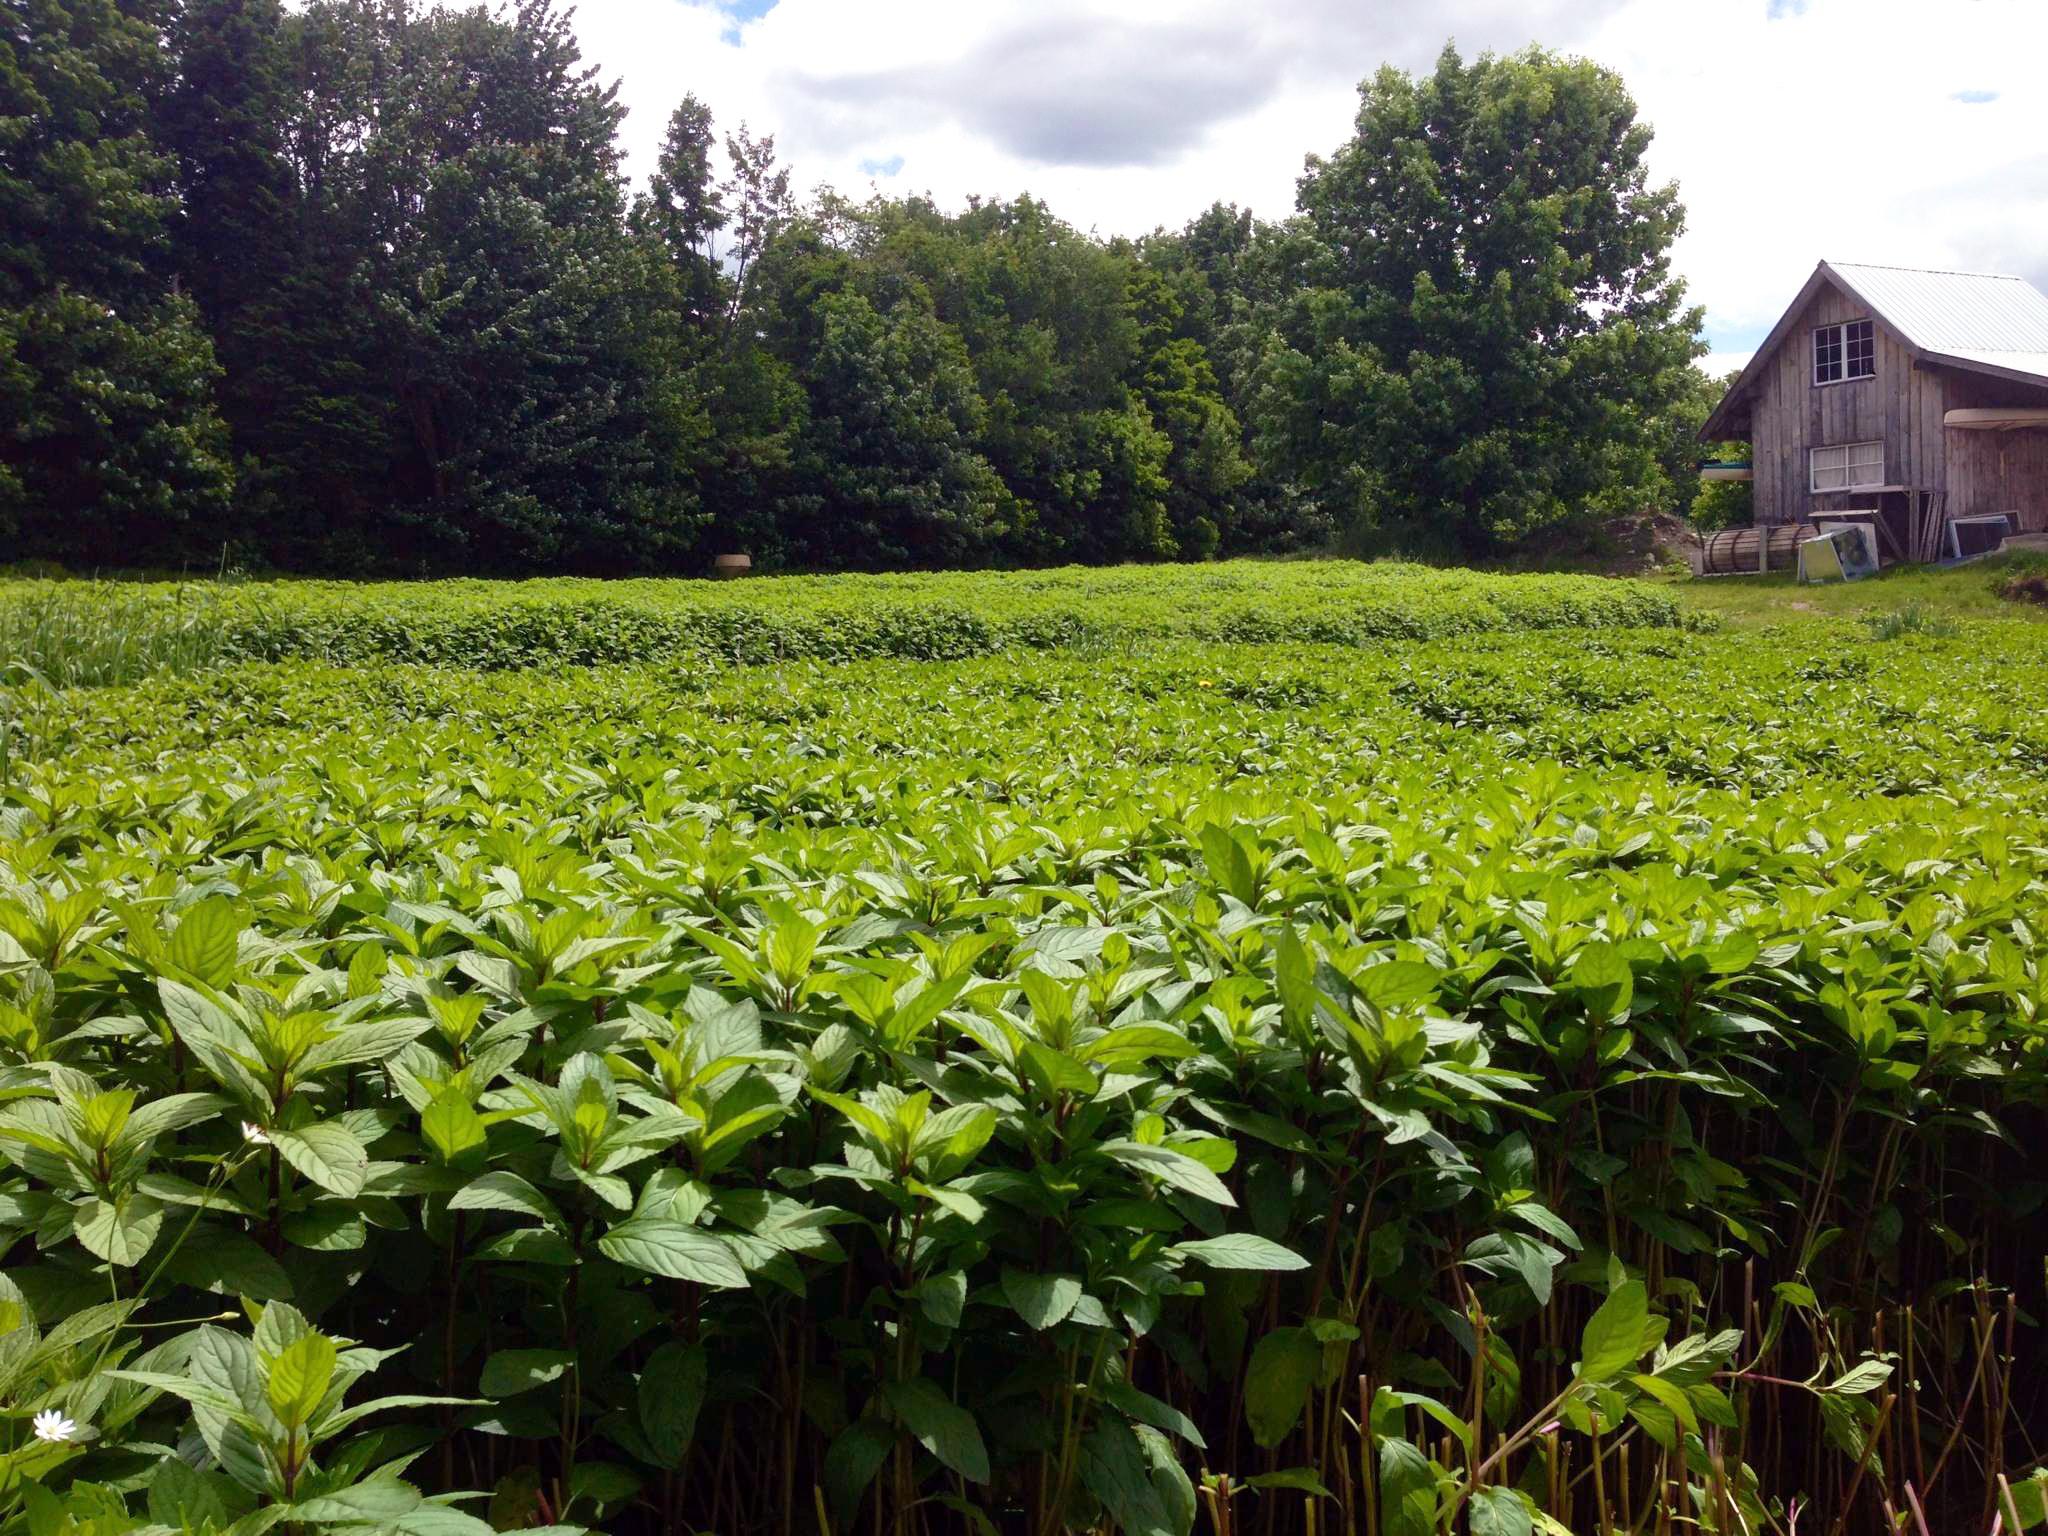 09-11 peppermint field.jpg